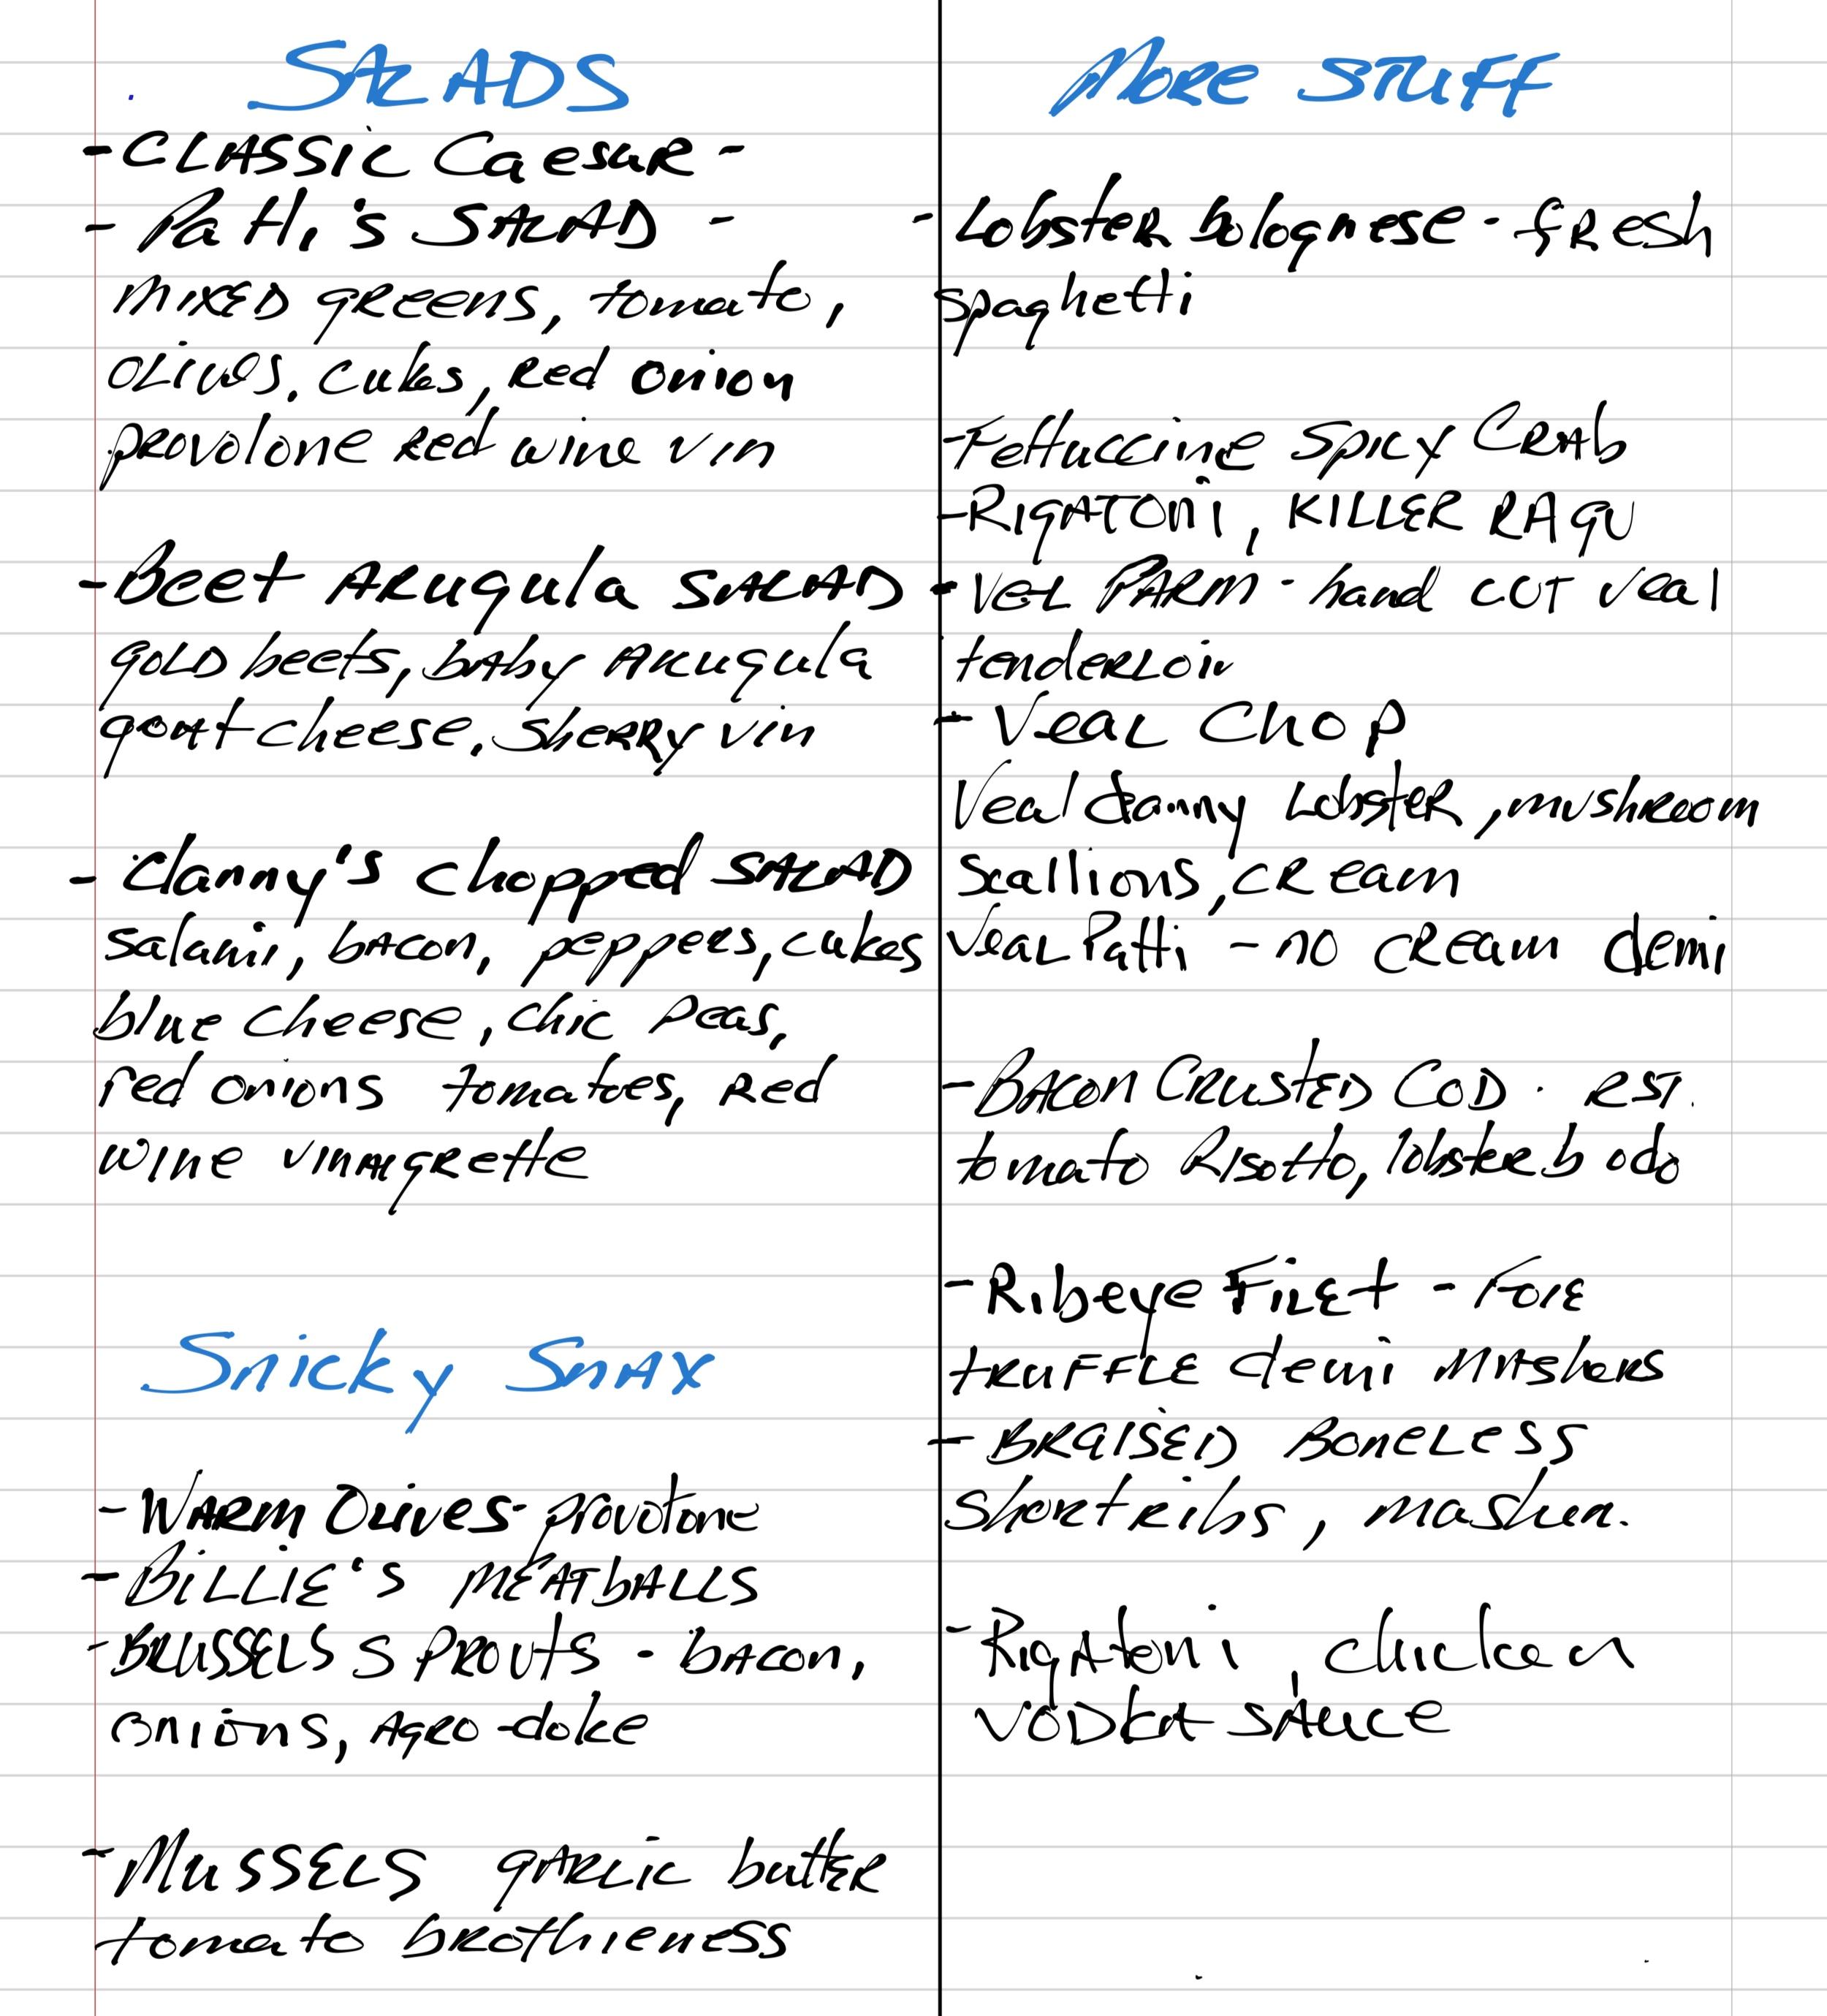 features+menu.jpg